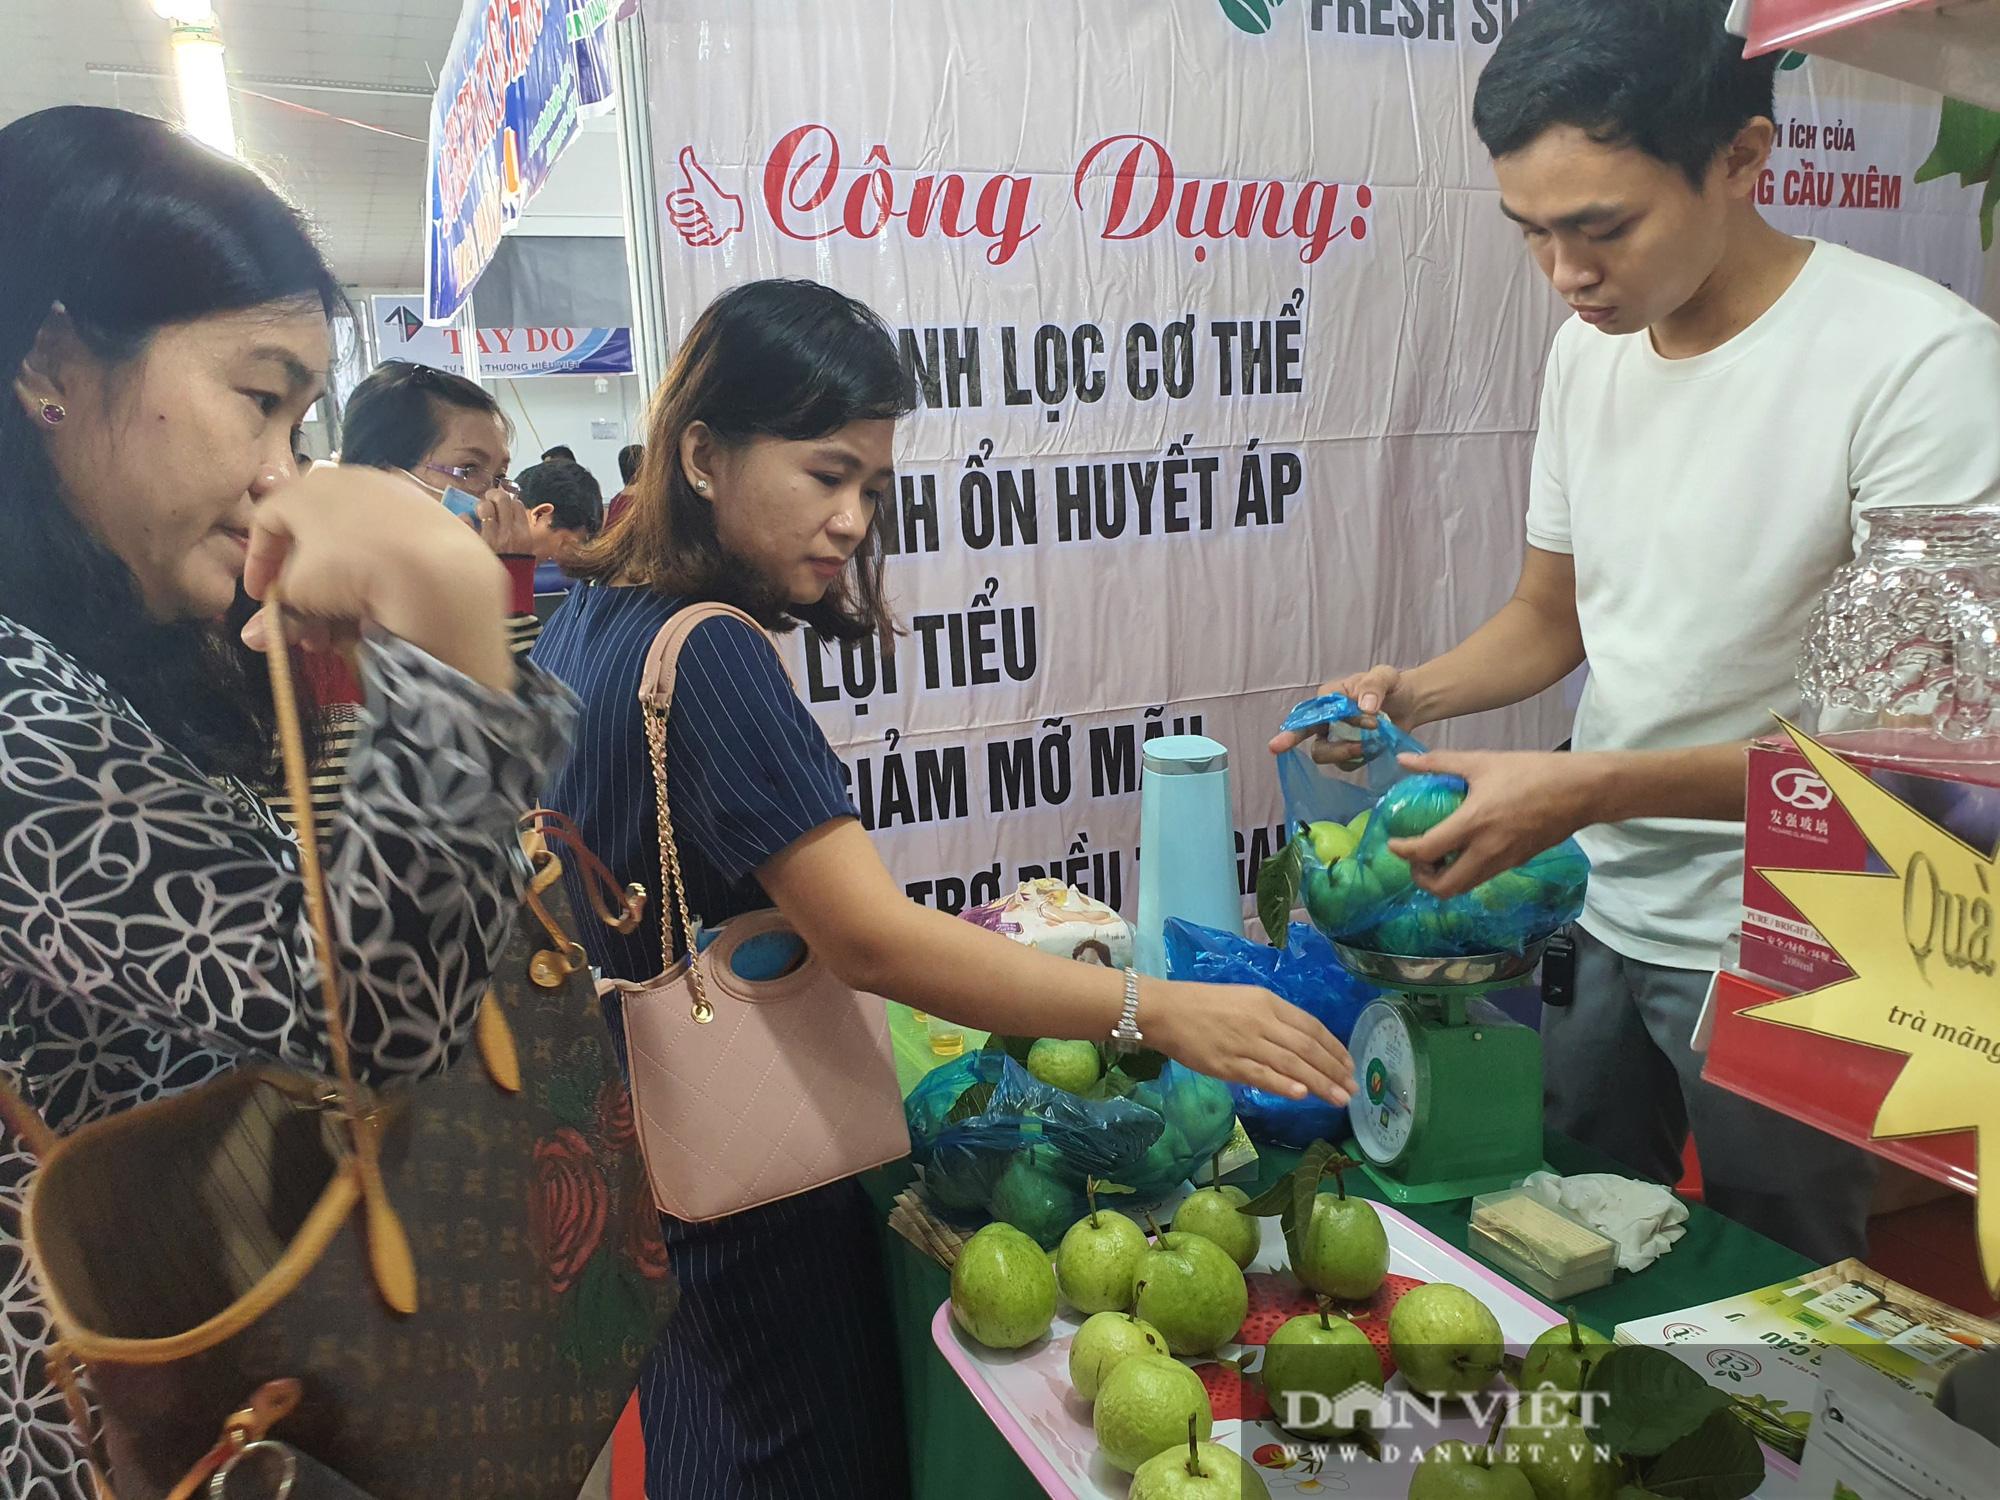 Cần Thơ: Hàng loạt sản phẩm mới lạ xuất hiện tại Hội chợ nông nghiệp quốc tế Việt Nam, không xem sẽ rất tiếc nuối - Ảnh 13.